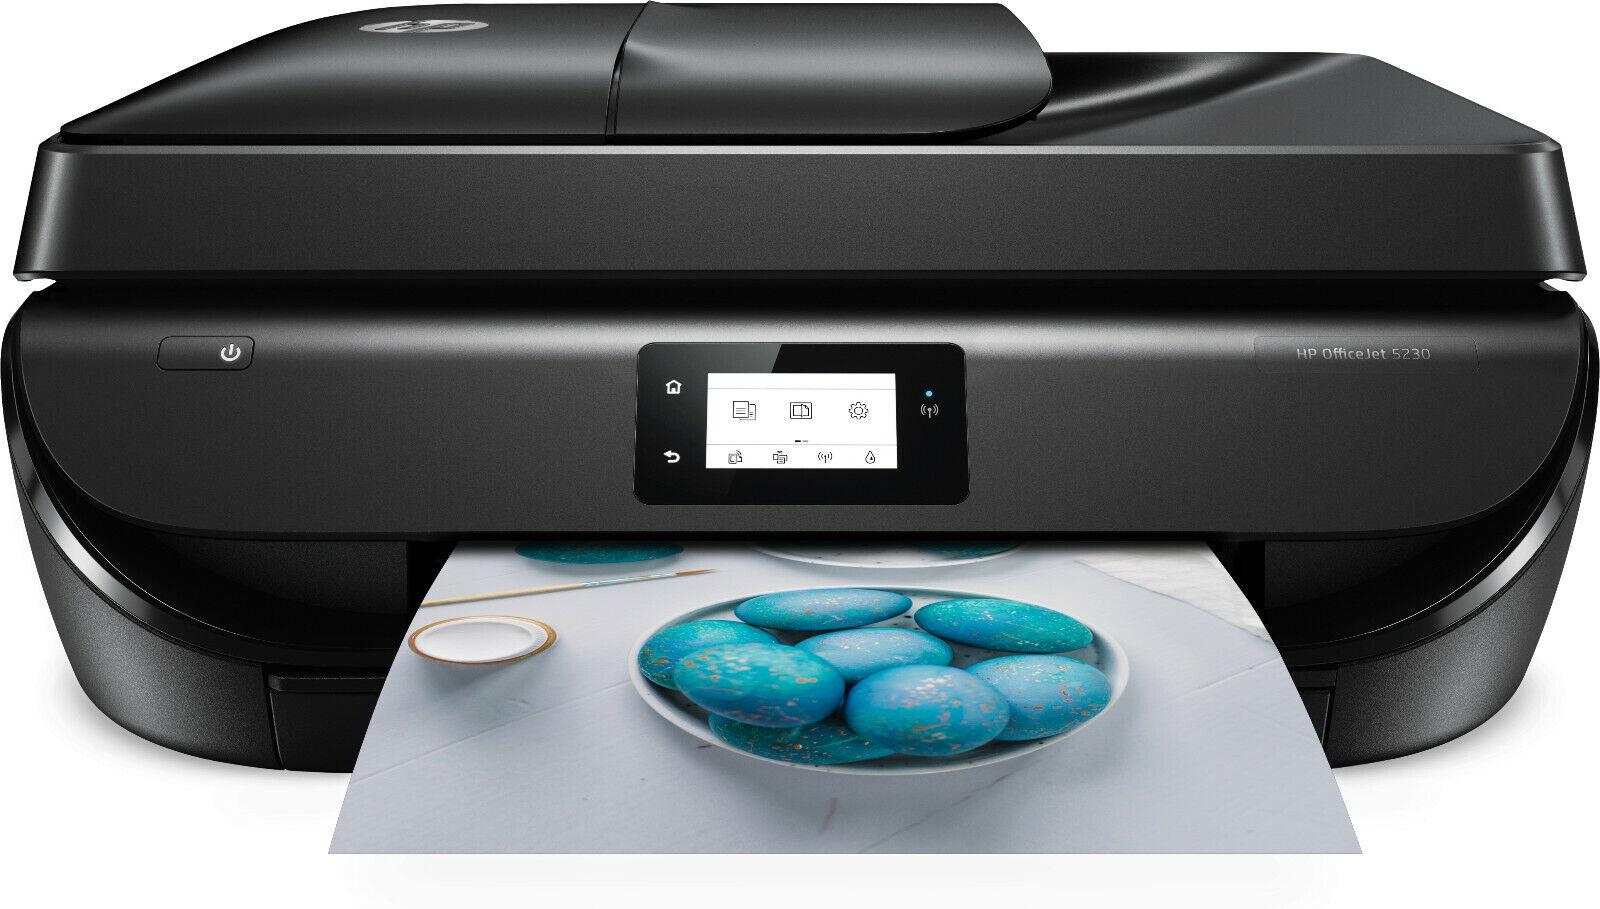 HP Officejet 5230 All-in-One-Multifunktionsgerät (Drucker/Kopierer/Scanner/Fax)